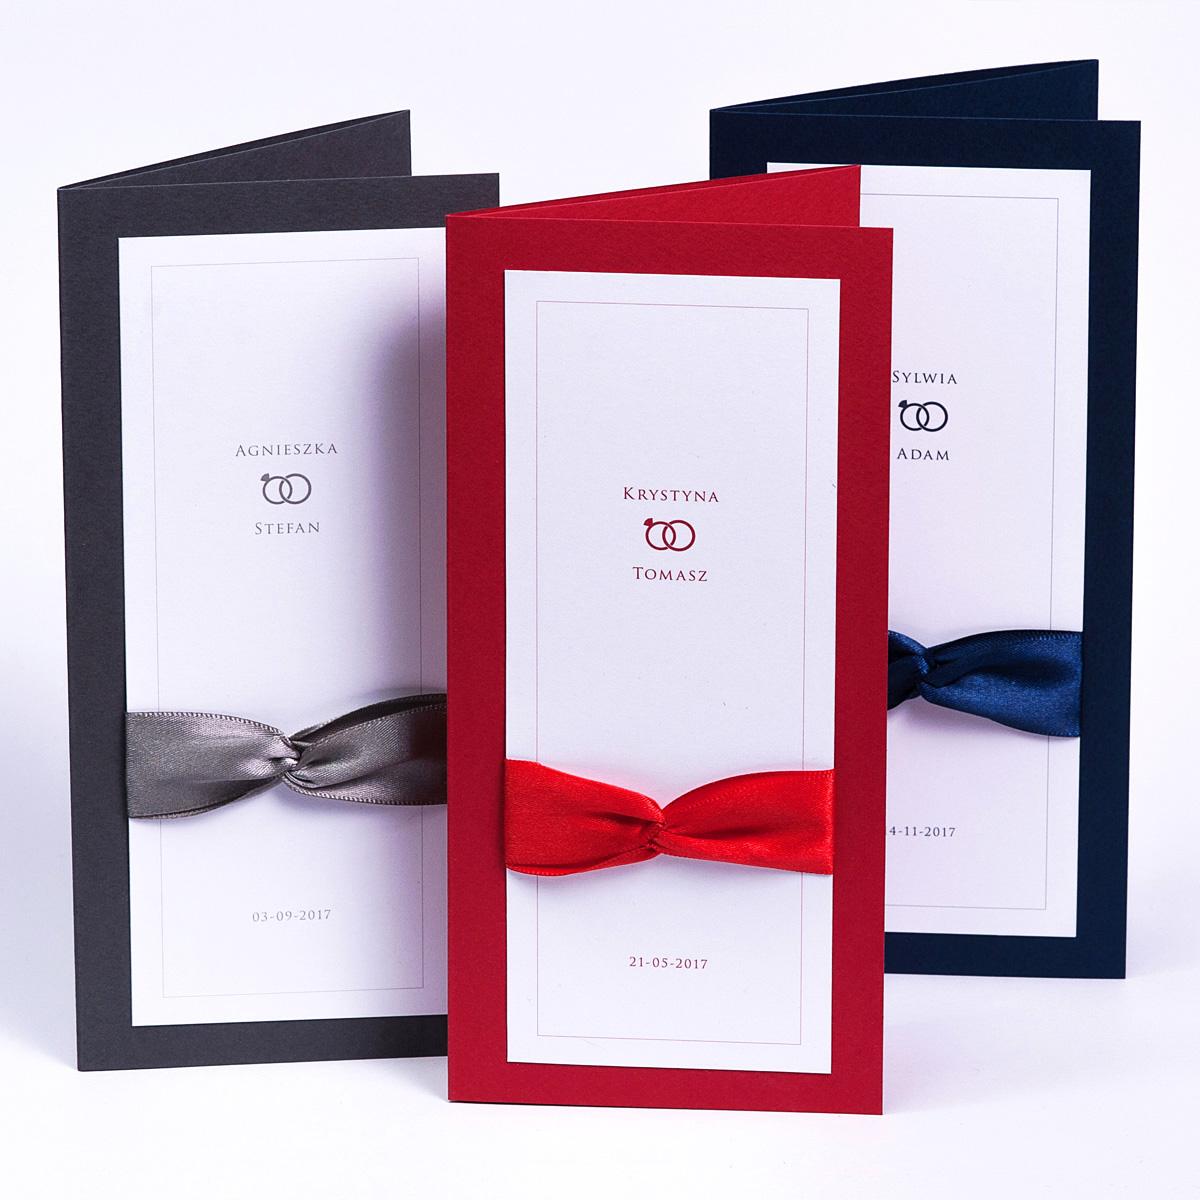 Eleganckie oryginalne zaproszenia ślubne - Prestige Slim